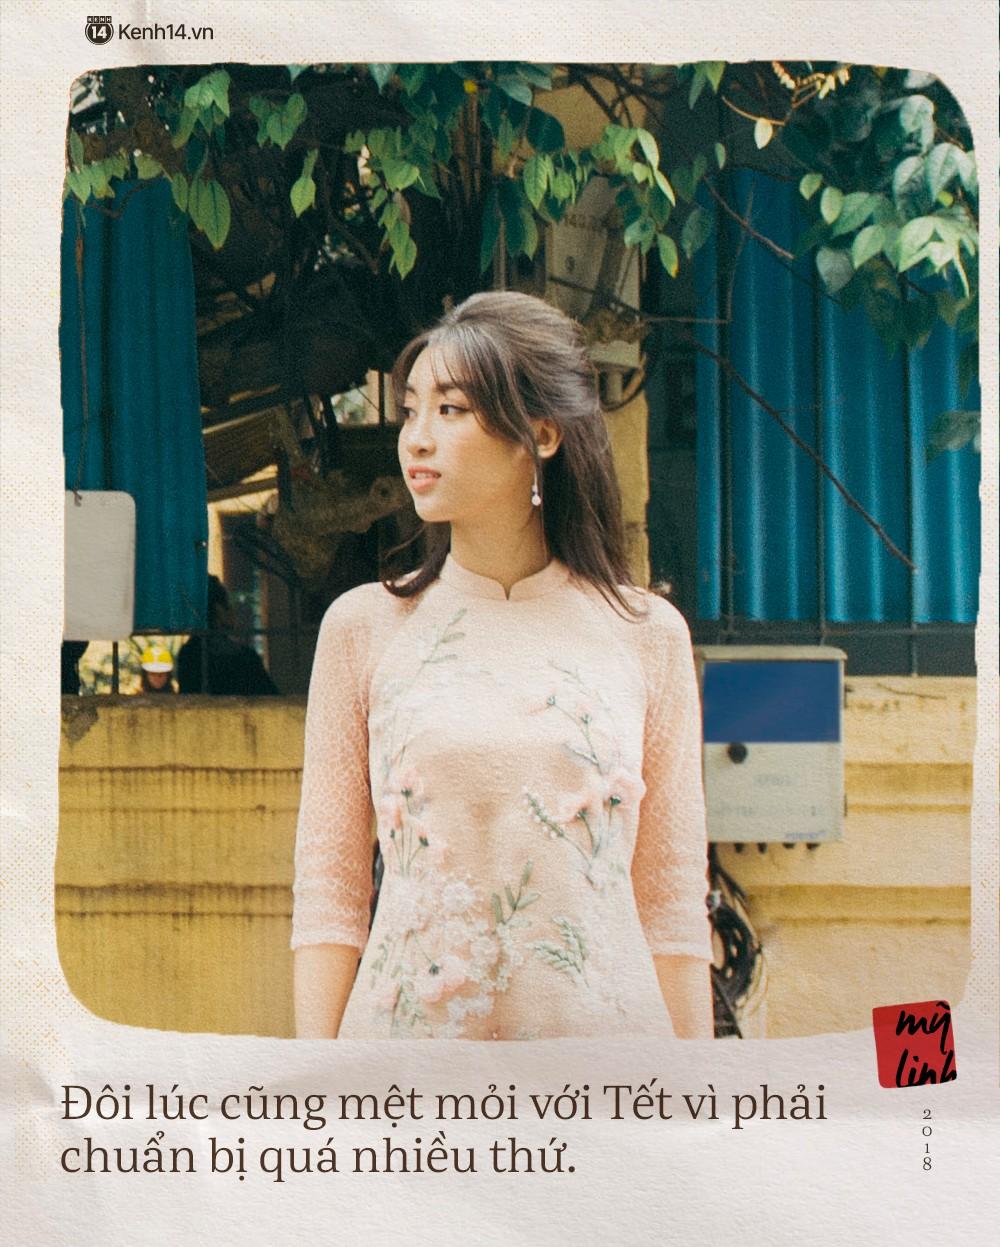 Hoa hậu Mỹ Linh kể chuyện Tết này vẫn ế, bật mí chi tiết về chuyến đi bão táp sang Trung Quốc cổ vũ U23 Việt Nam - Ảnh 9.